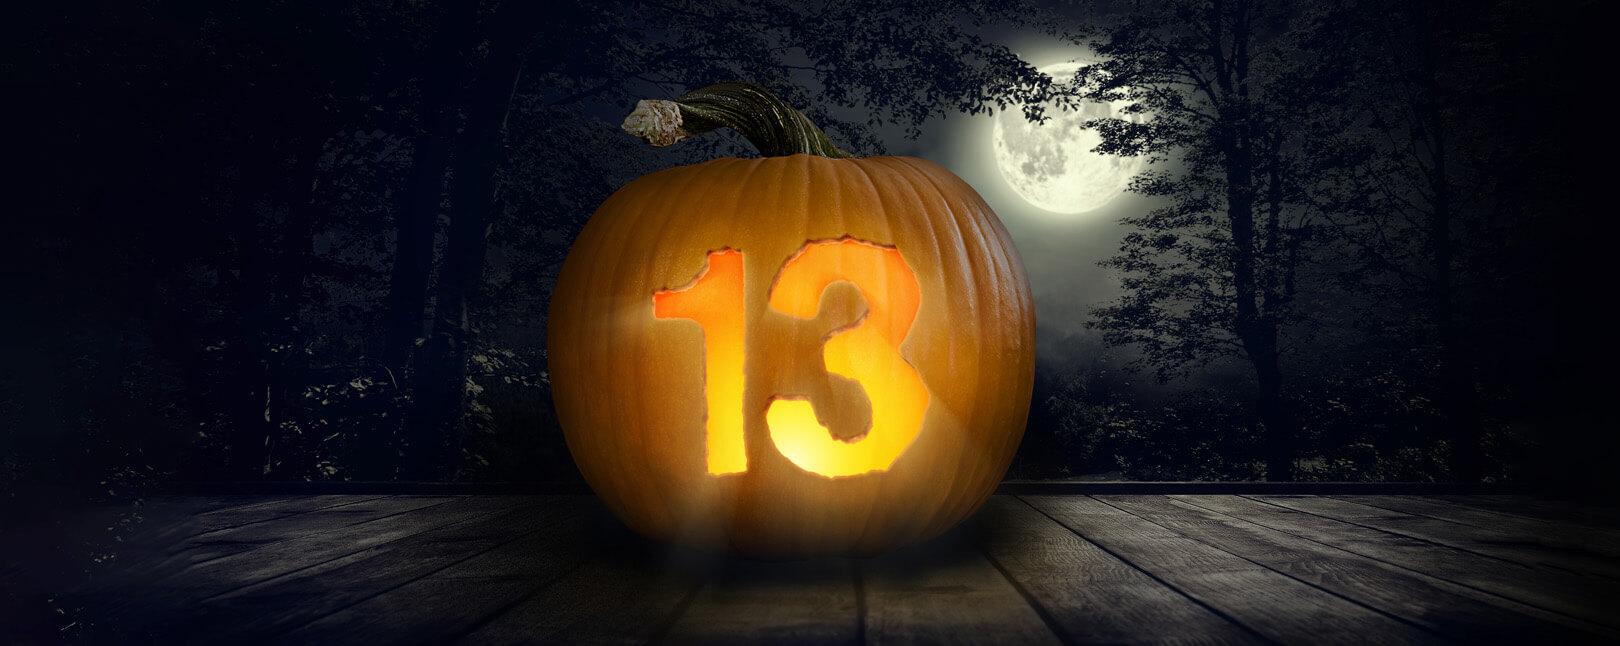 Chargeback halloween